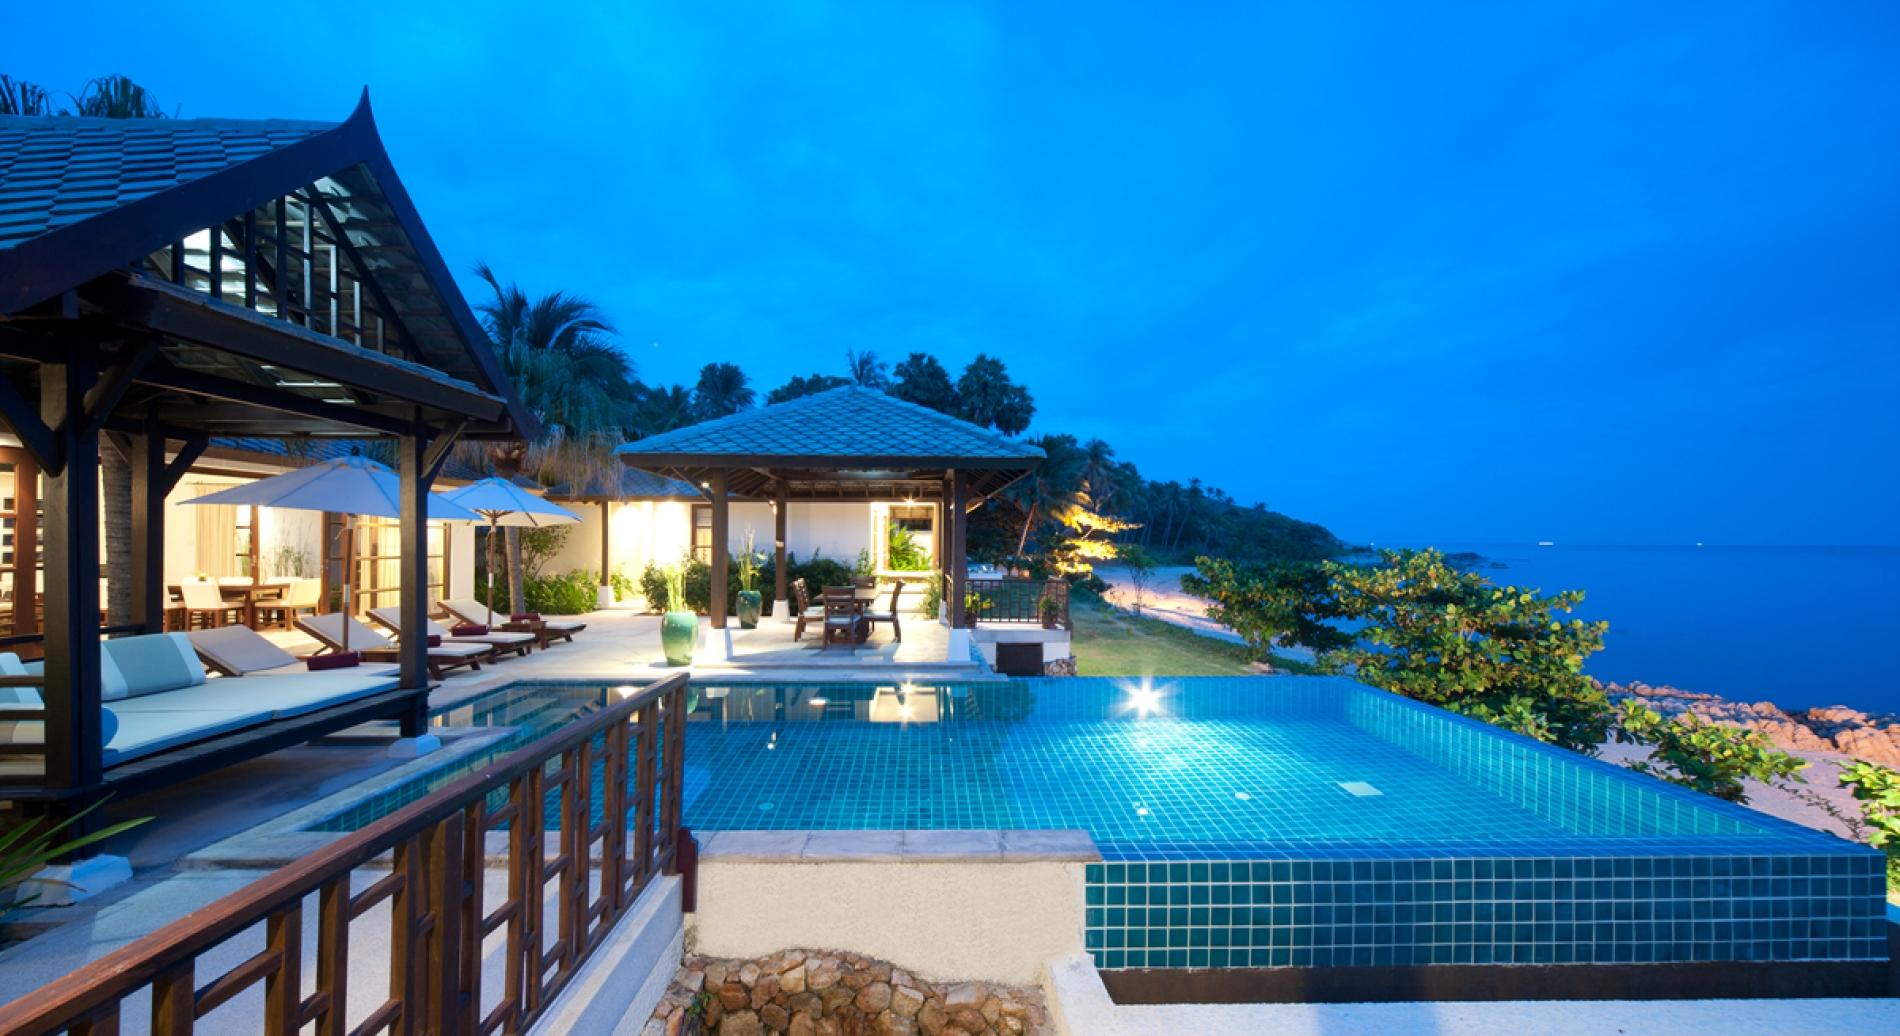 Paradise Island Villa Koh Samui